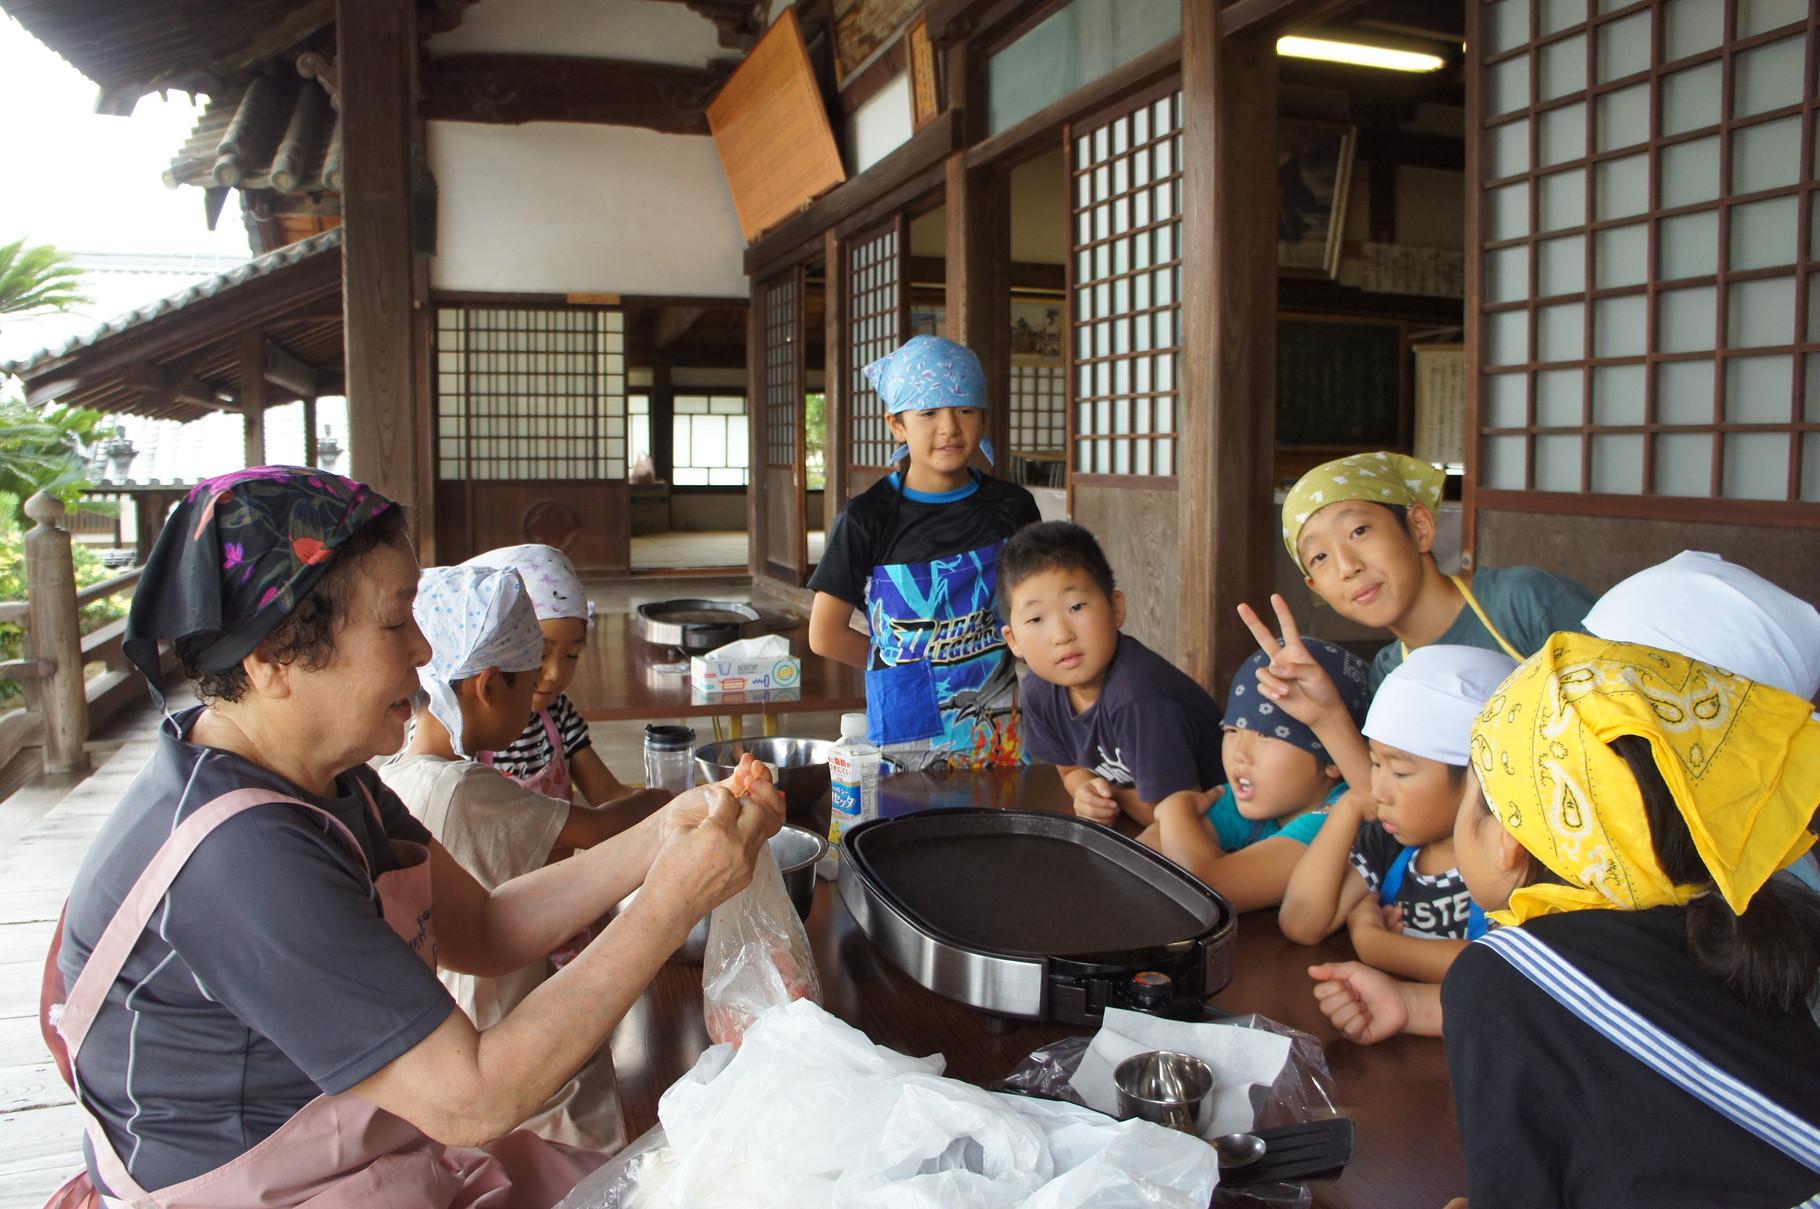 寺子屋、食育について学びました。子供だけでも作れる料理を教えてもらいました。